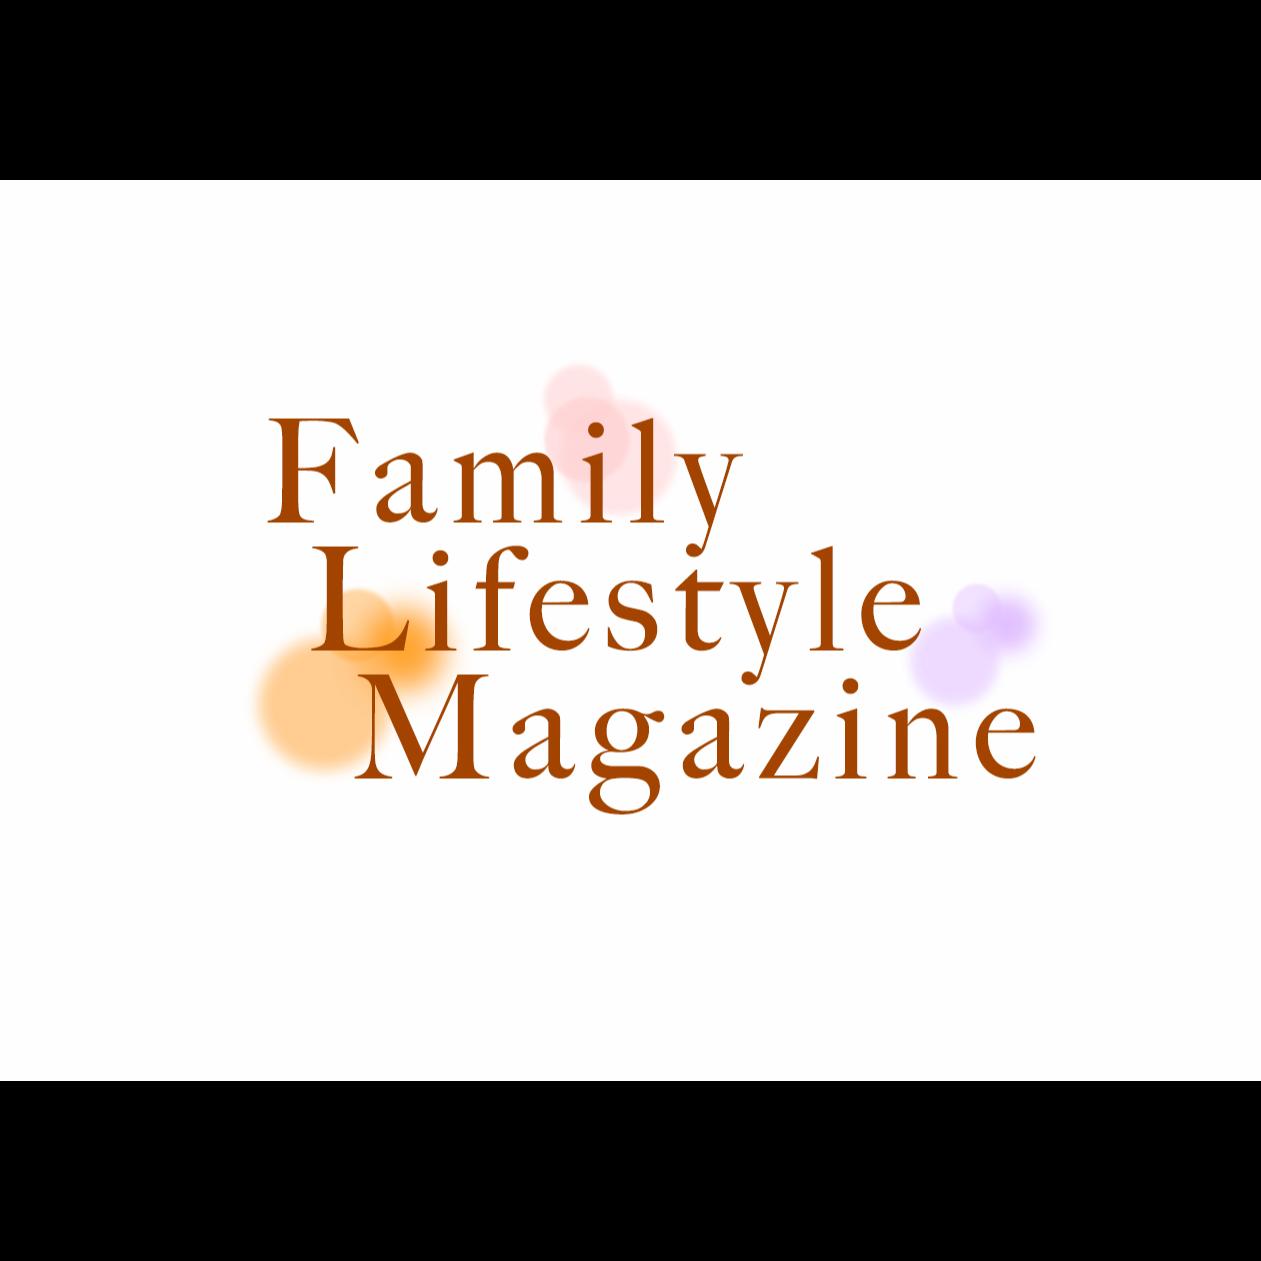 Family Lifestyle Magazine